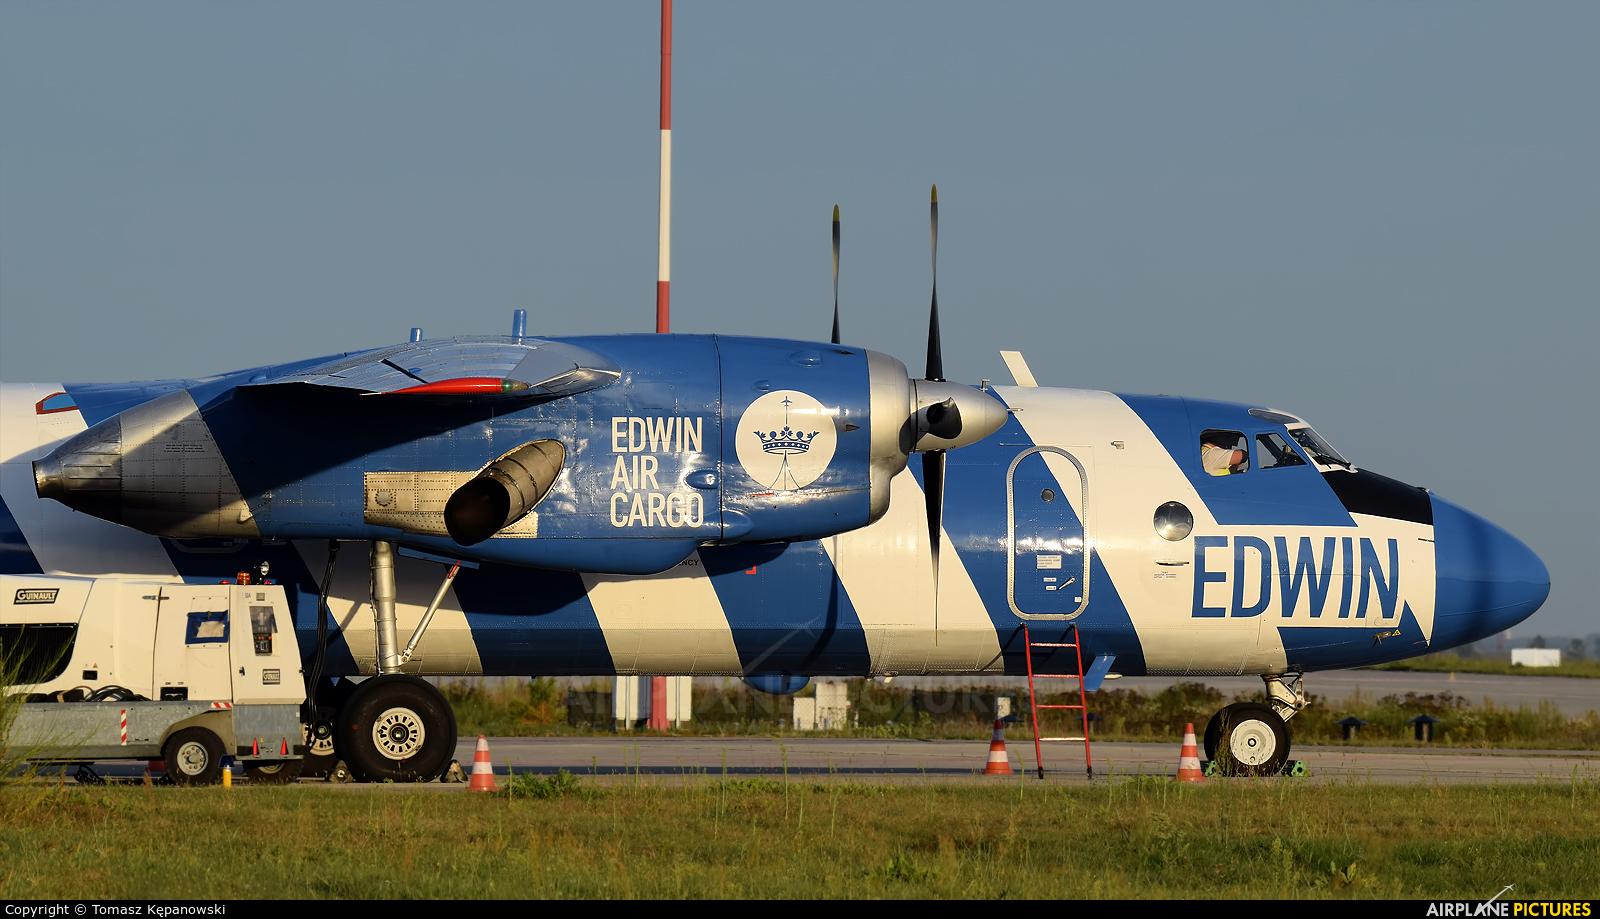 Bright Flight LZ-FLL aircraft at Rzeszów-Jasionka